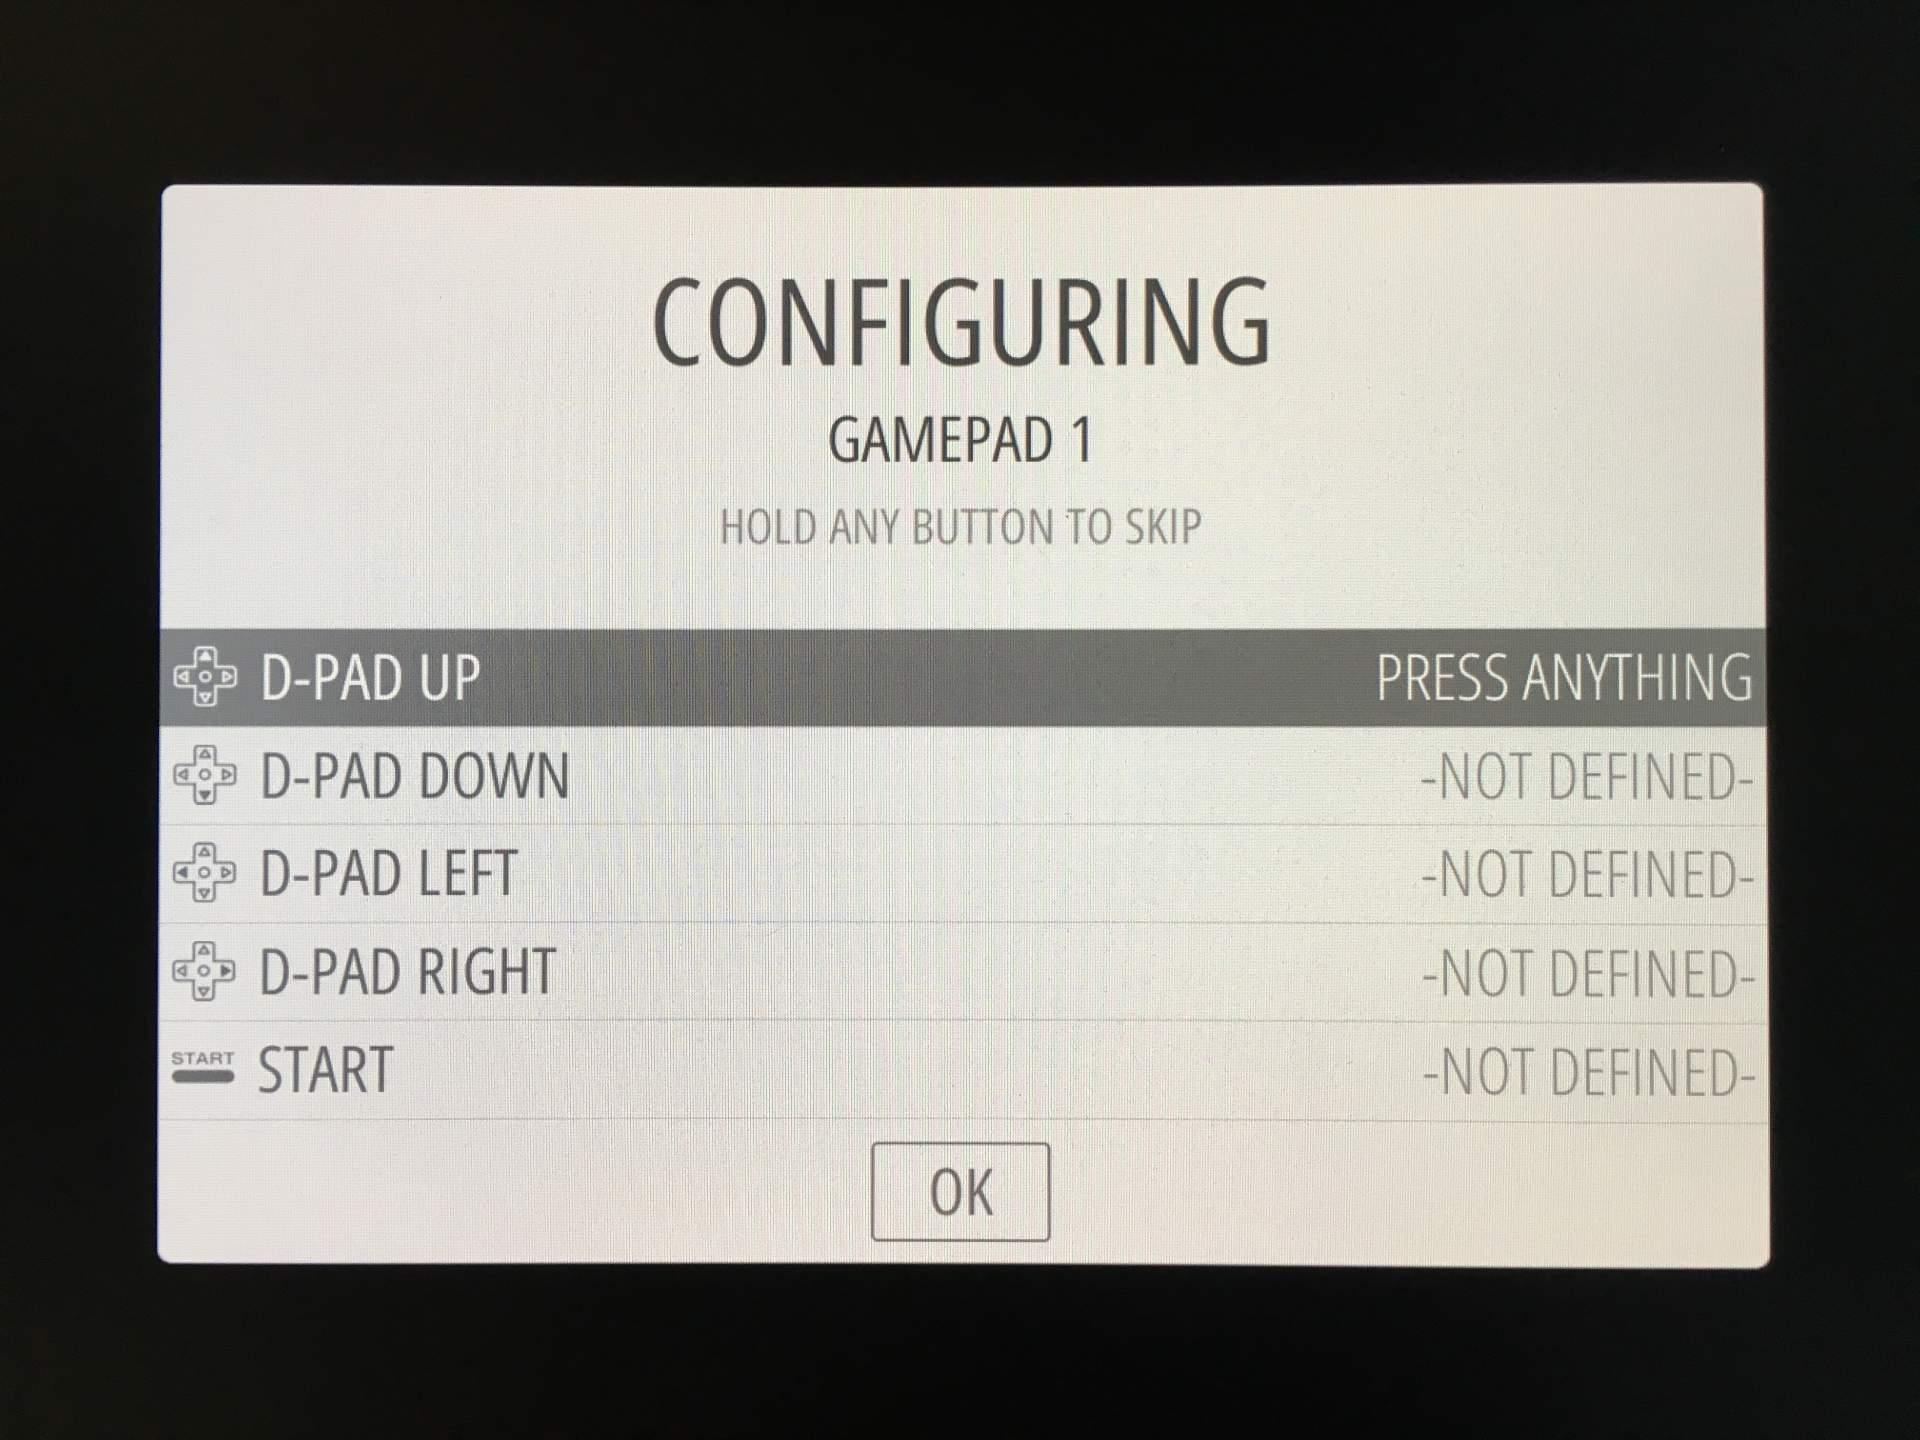 Das Gamepad wird automatisch erkannt. Ihr könnt es durch Druck auf die verschiedenen Buttons einrichten.